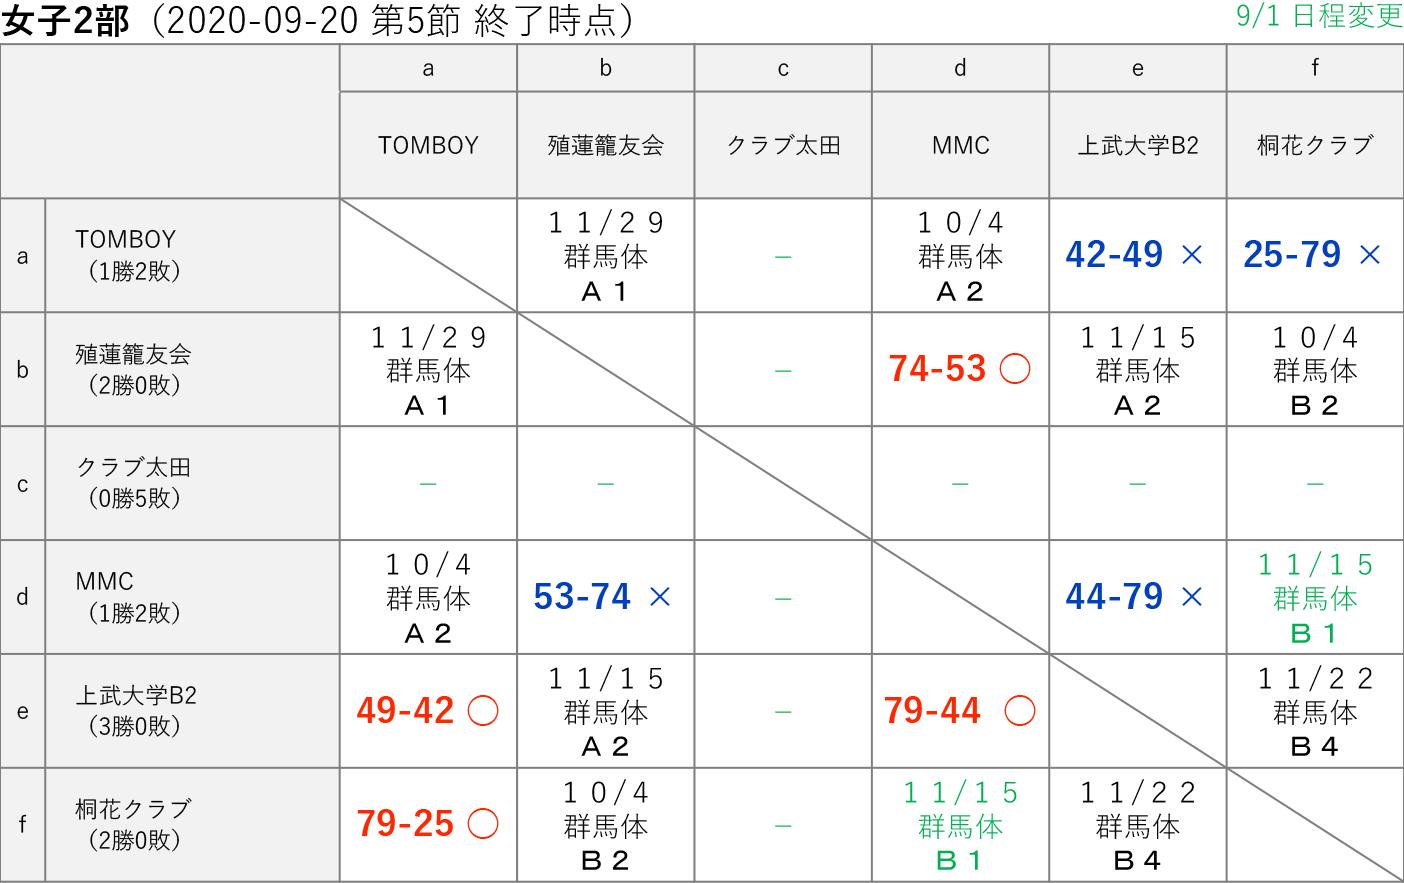 2020社会人リーグ 女子2部 星取り表 2020-09-20(第5節終了時)